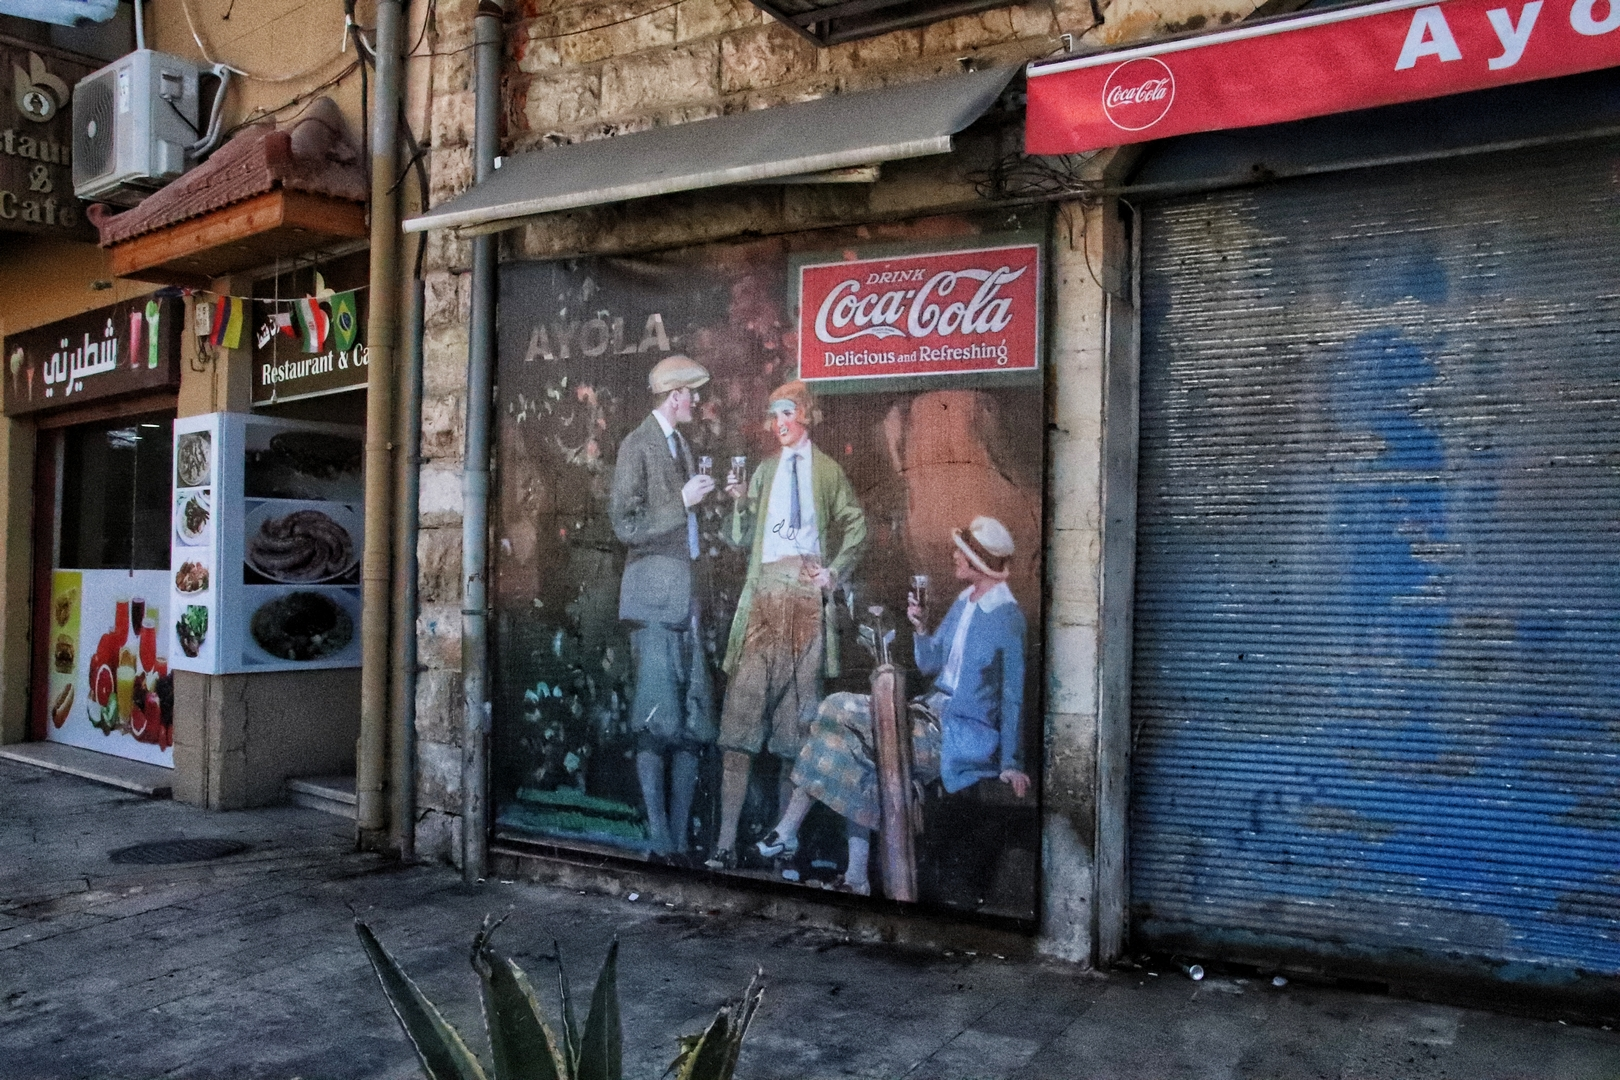 Jordanie - Promenade dans les rues de Madaba, vieille publicité Coca-Cola